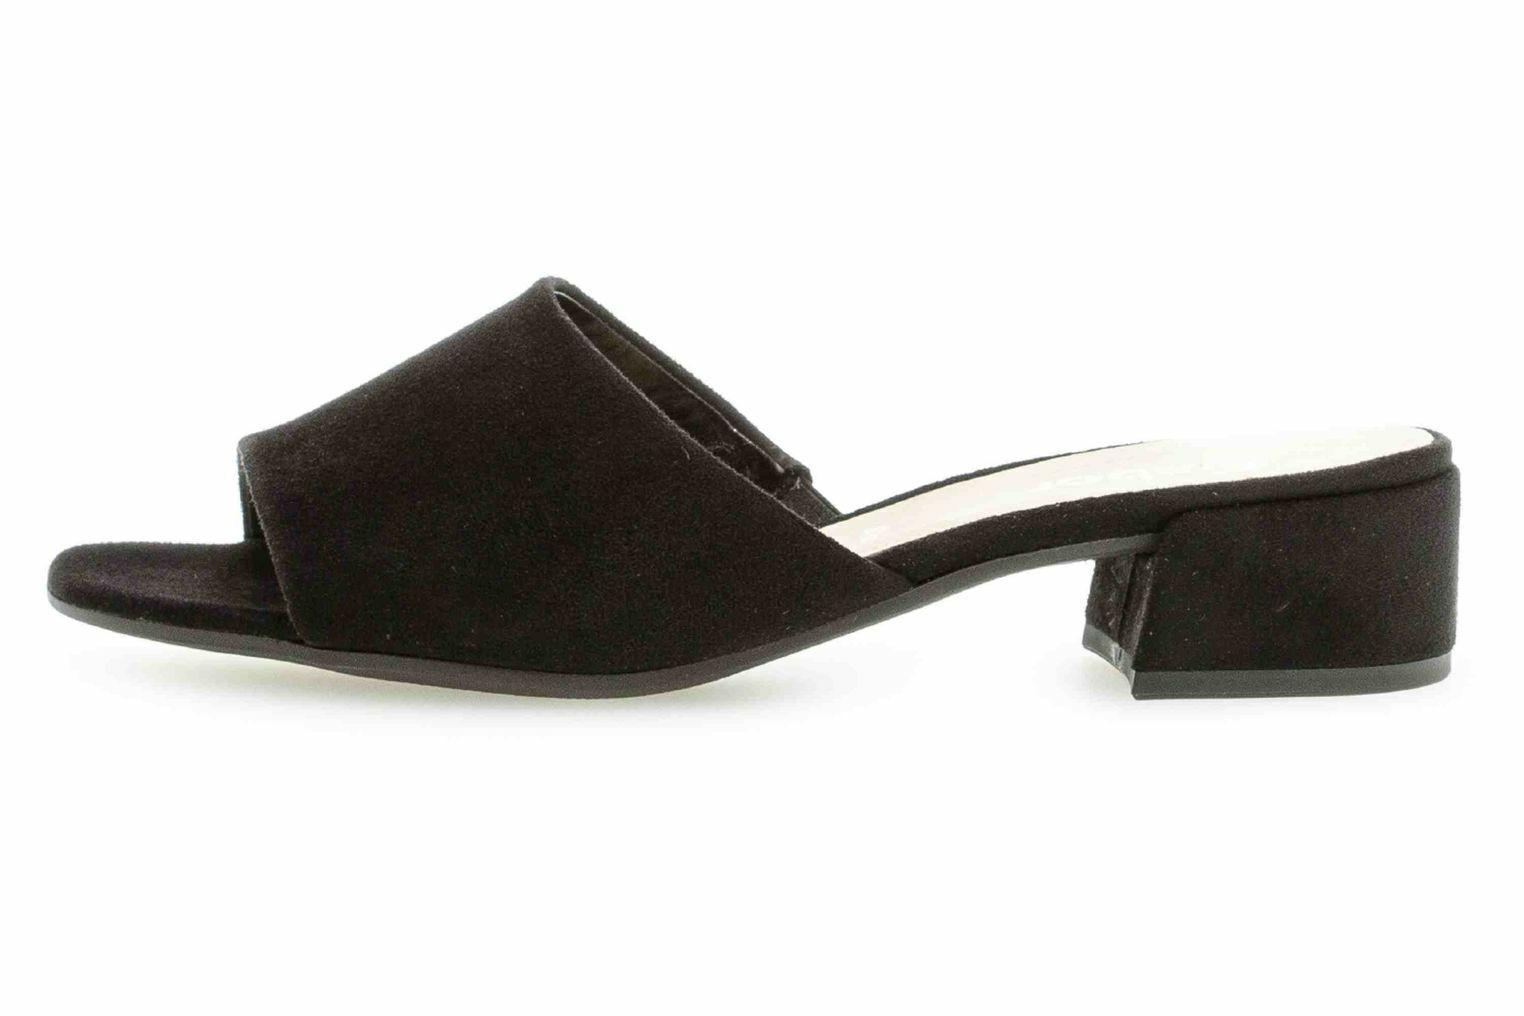 Gabor Fashion Sandali Sandali Sandali in overDimensione nero 21.700.47 grandi scarpe da donna 548434